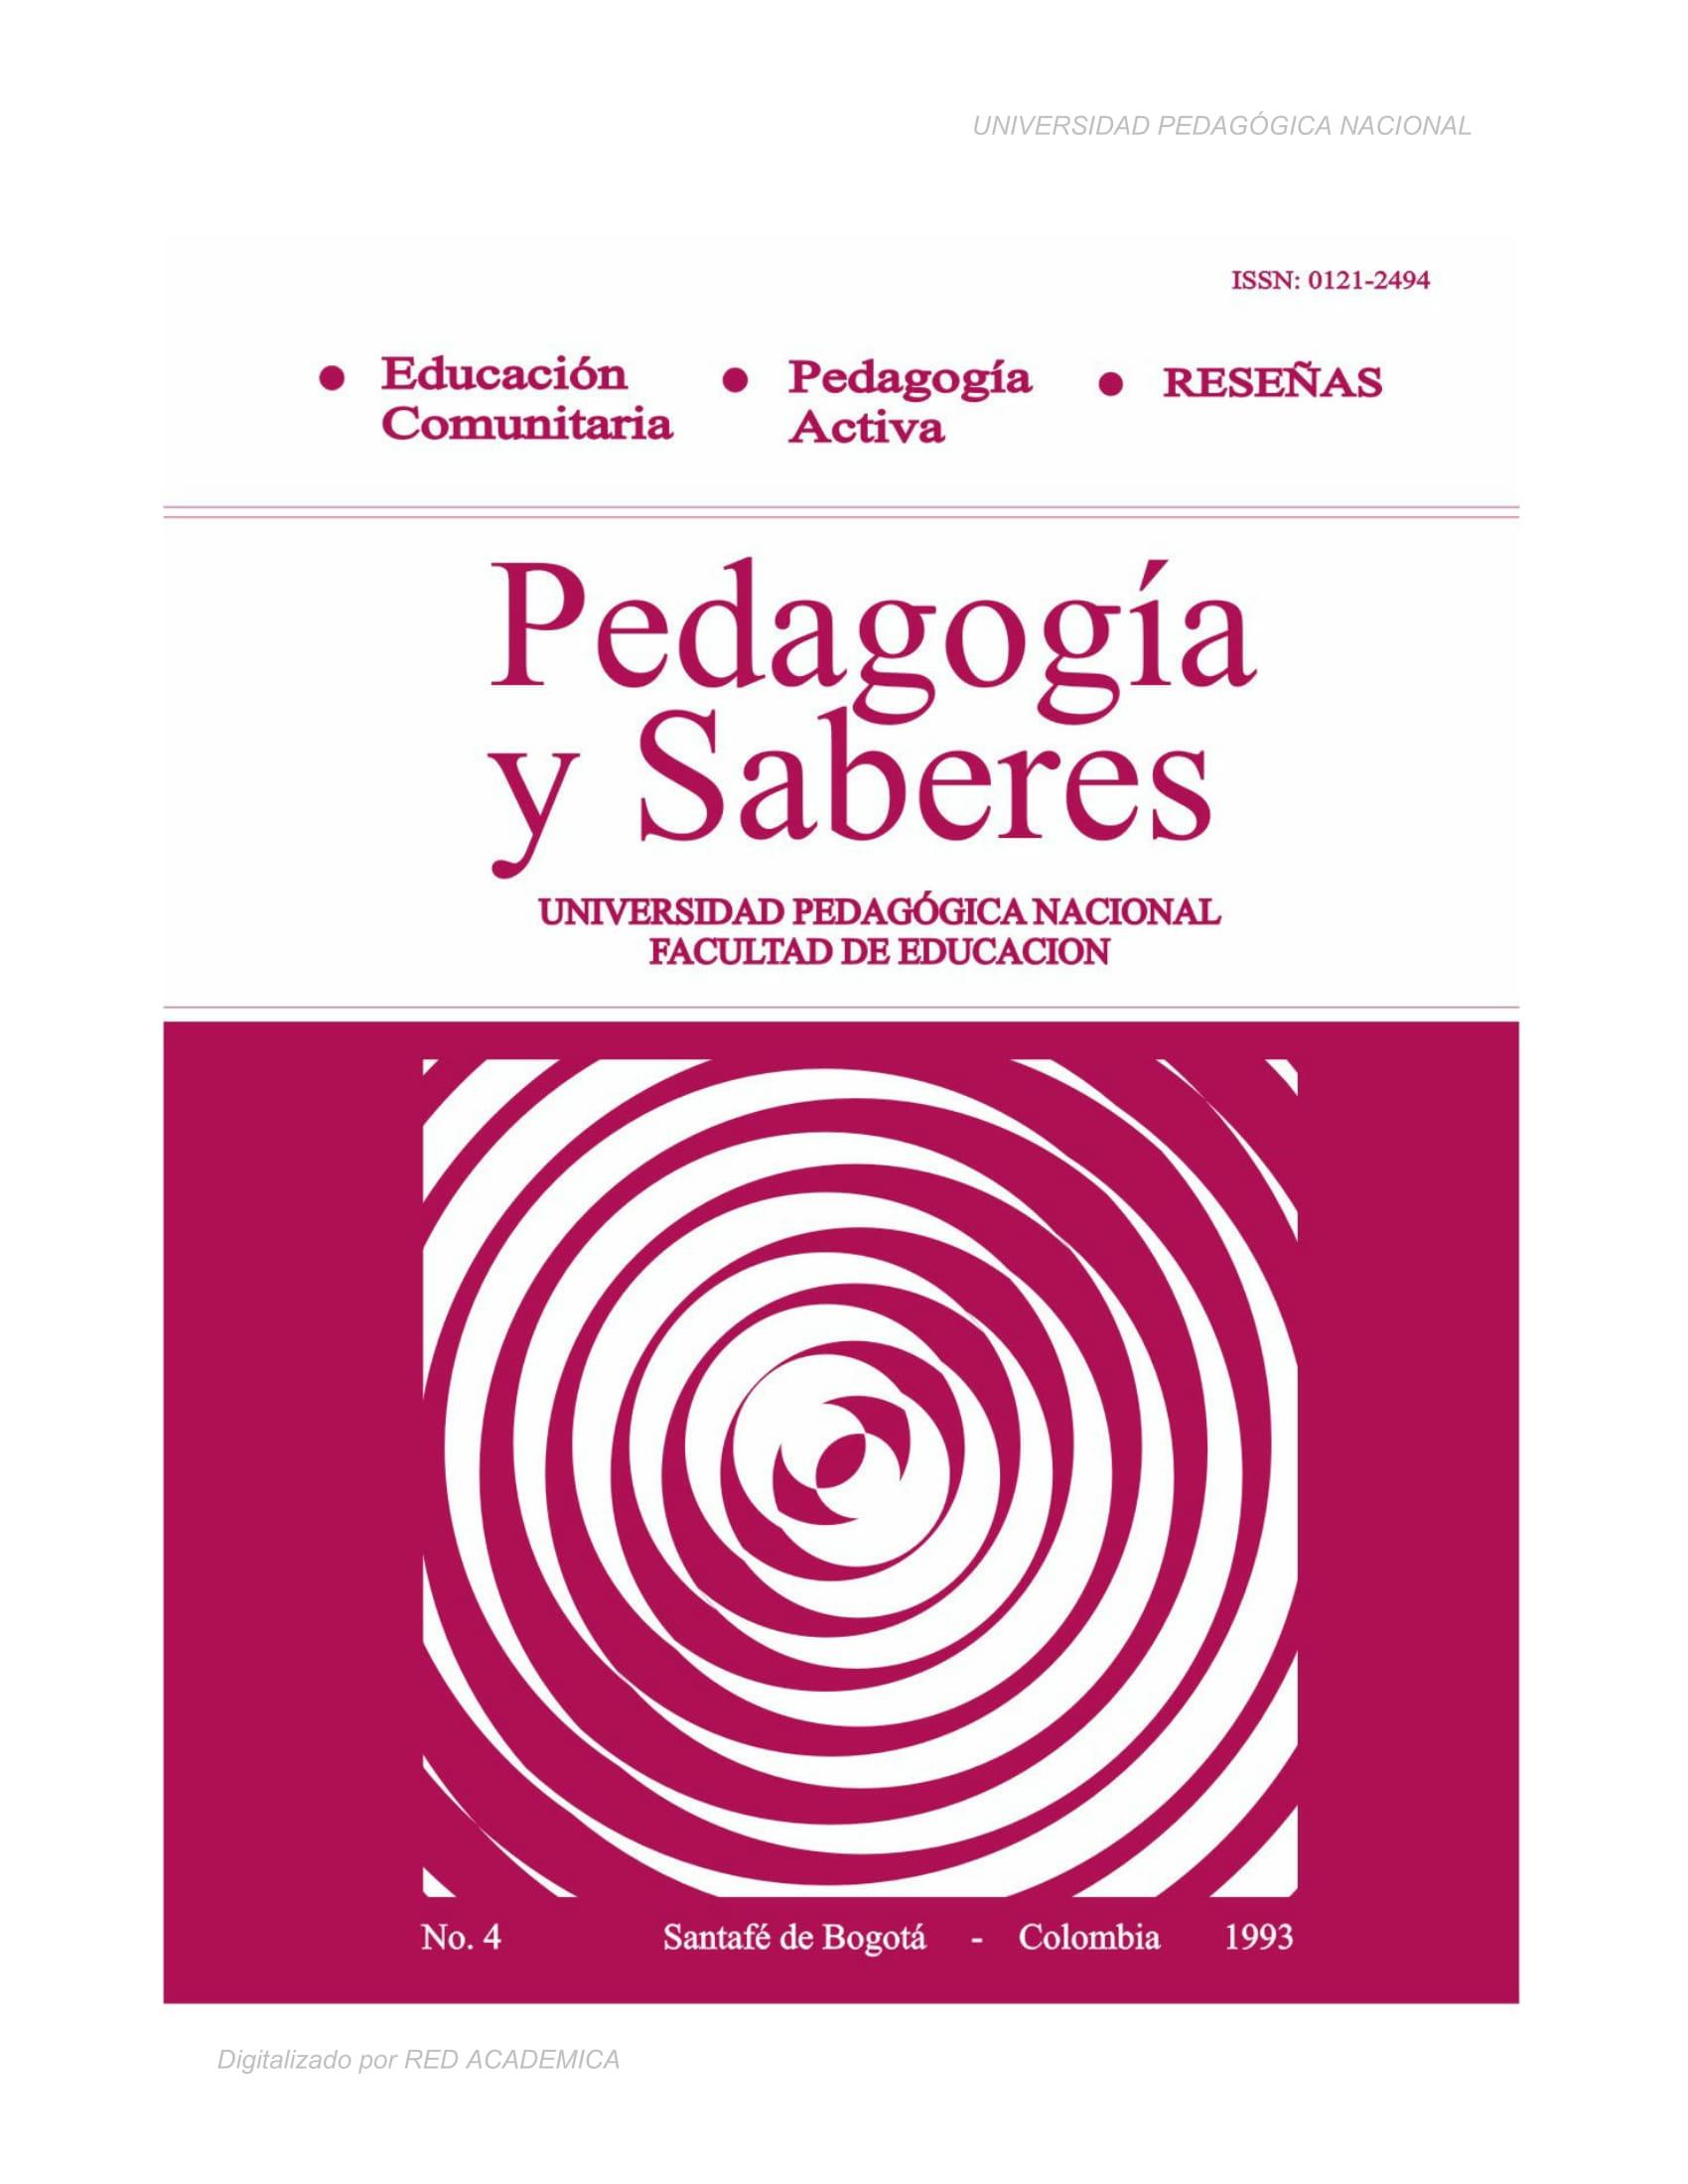 Educación comunitaria. Pedagogía Activa. Reseñas